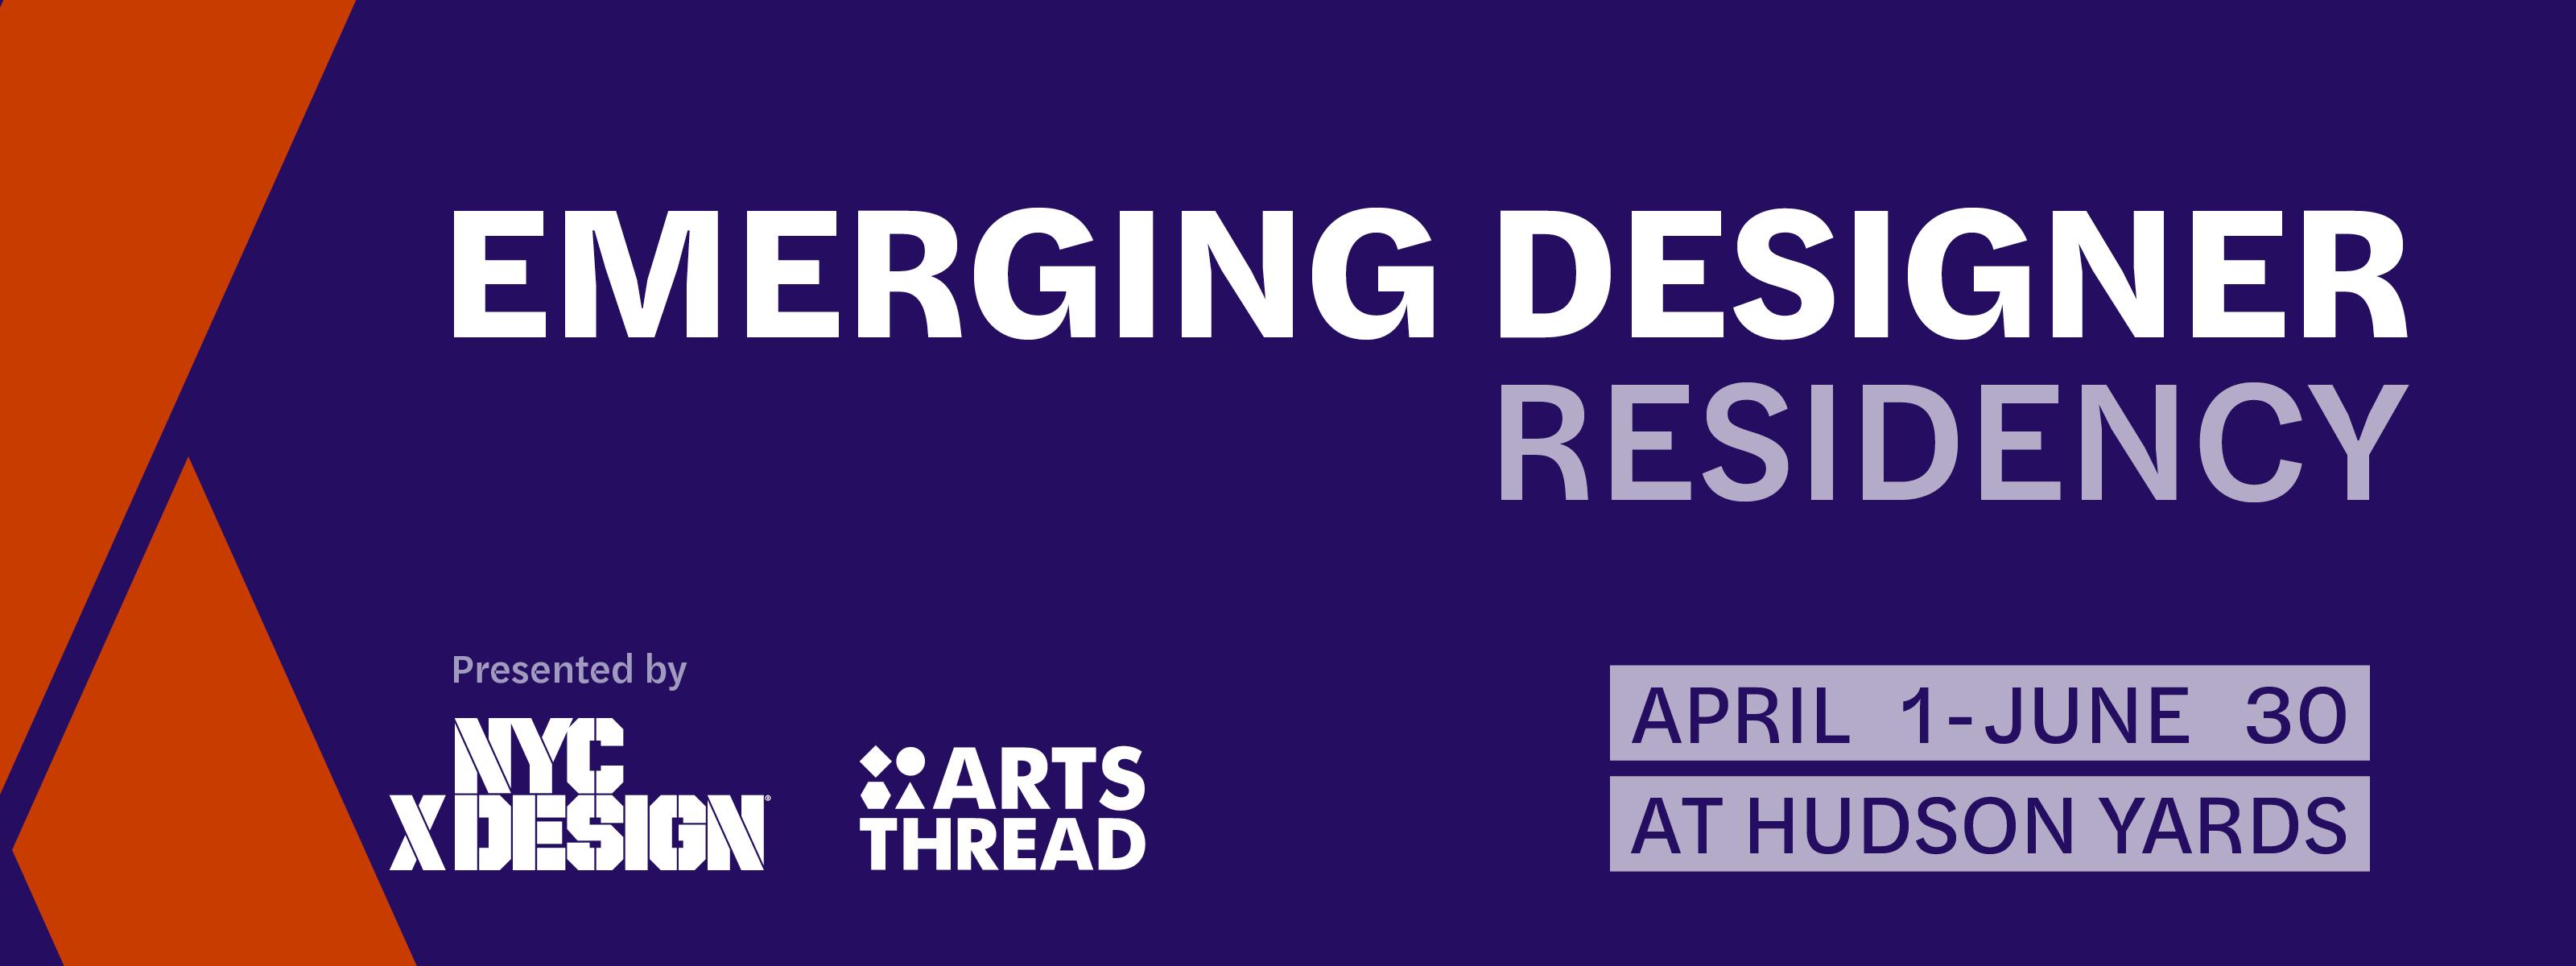 Emerging Designer Residency